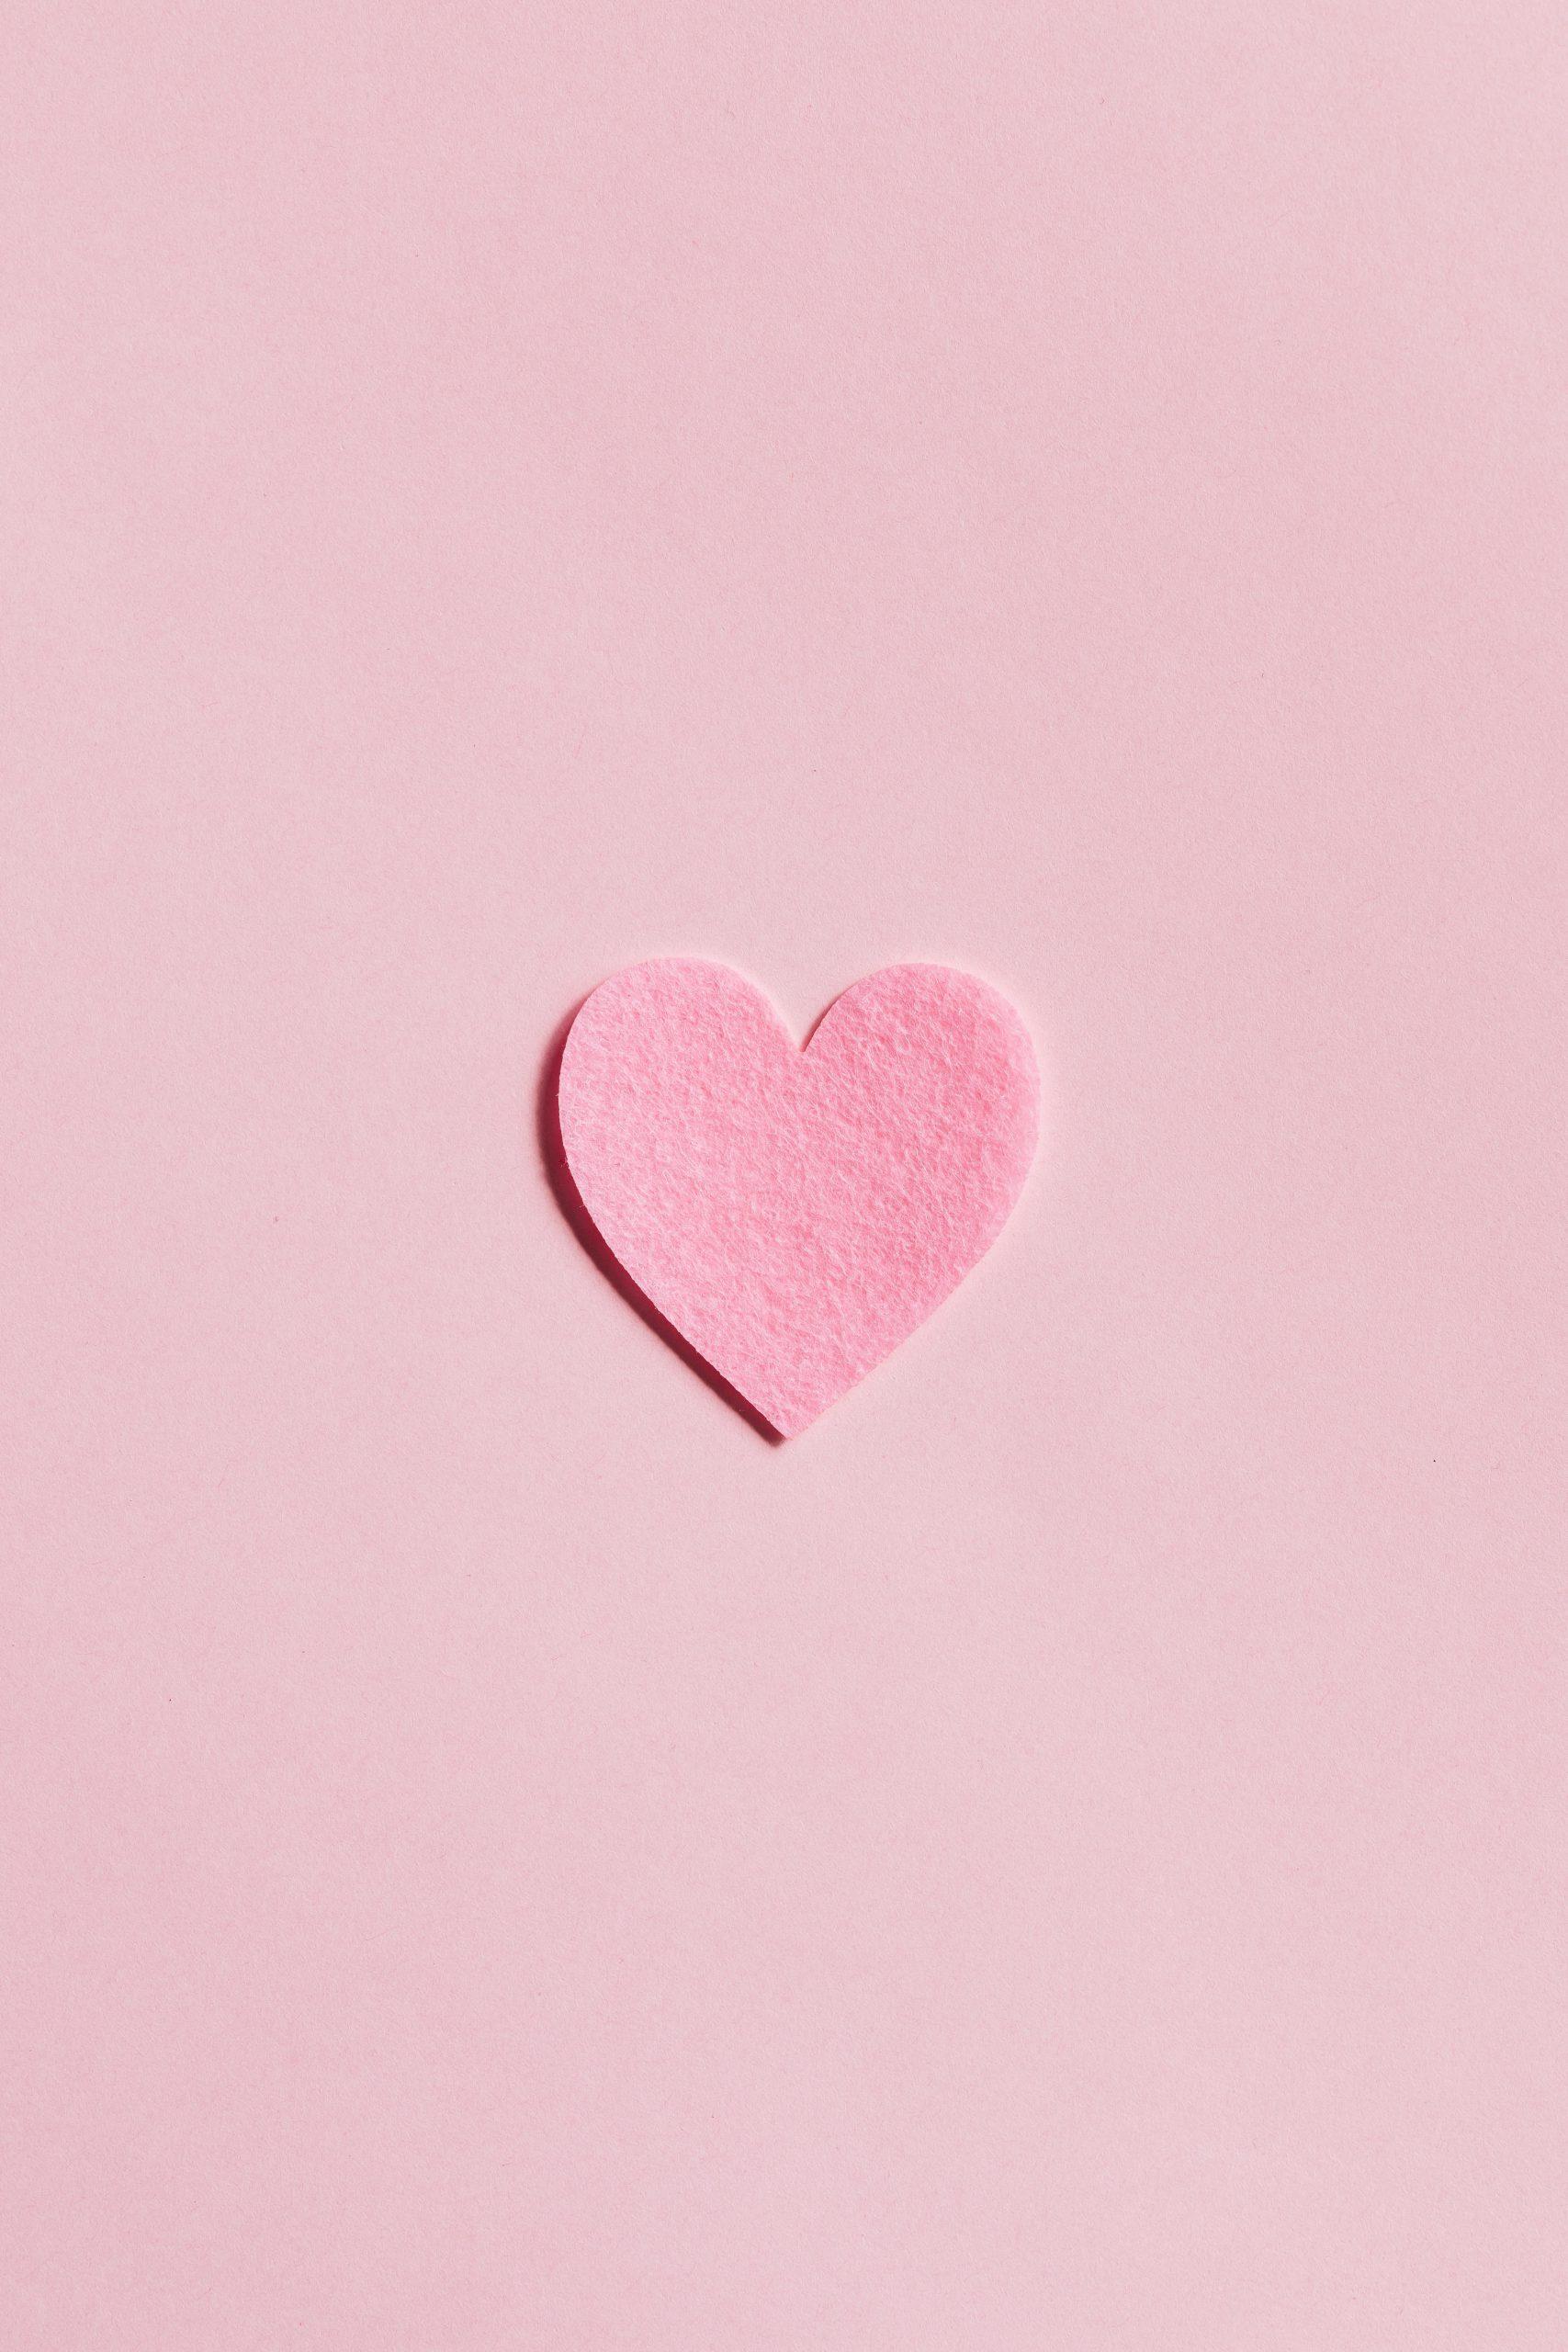 de kracht van het hart